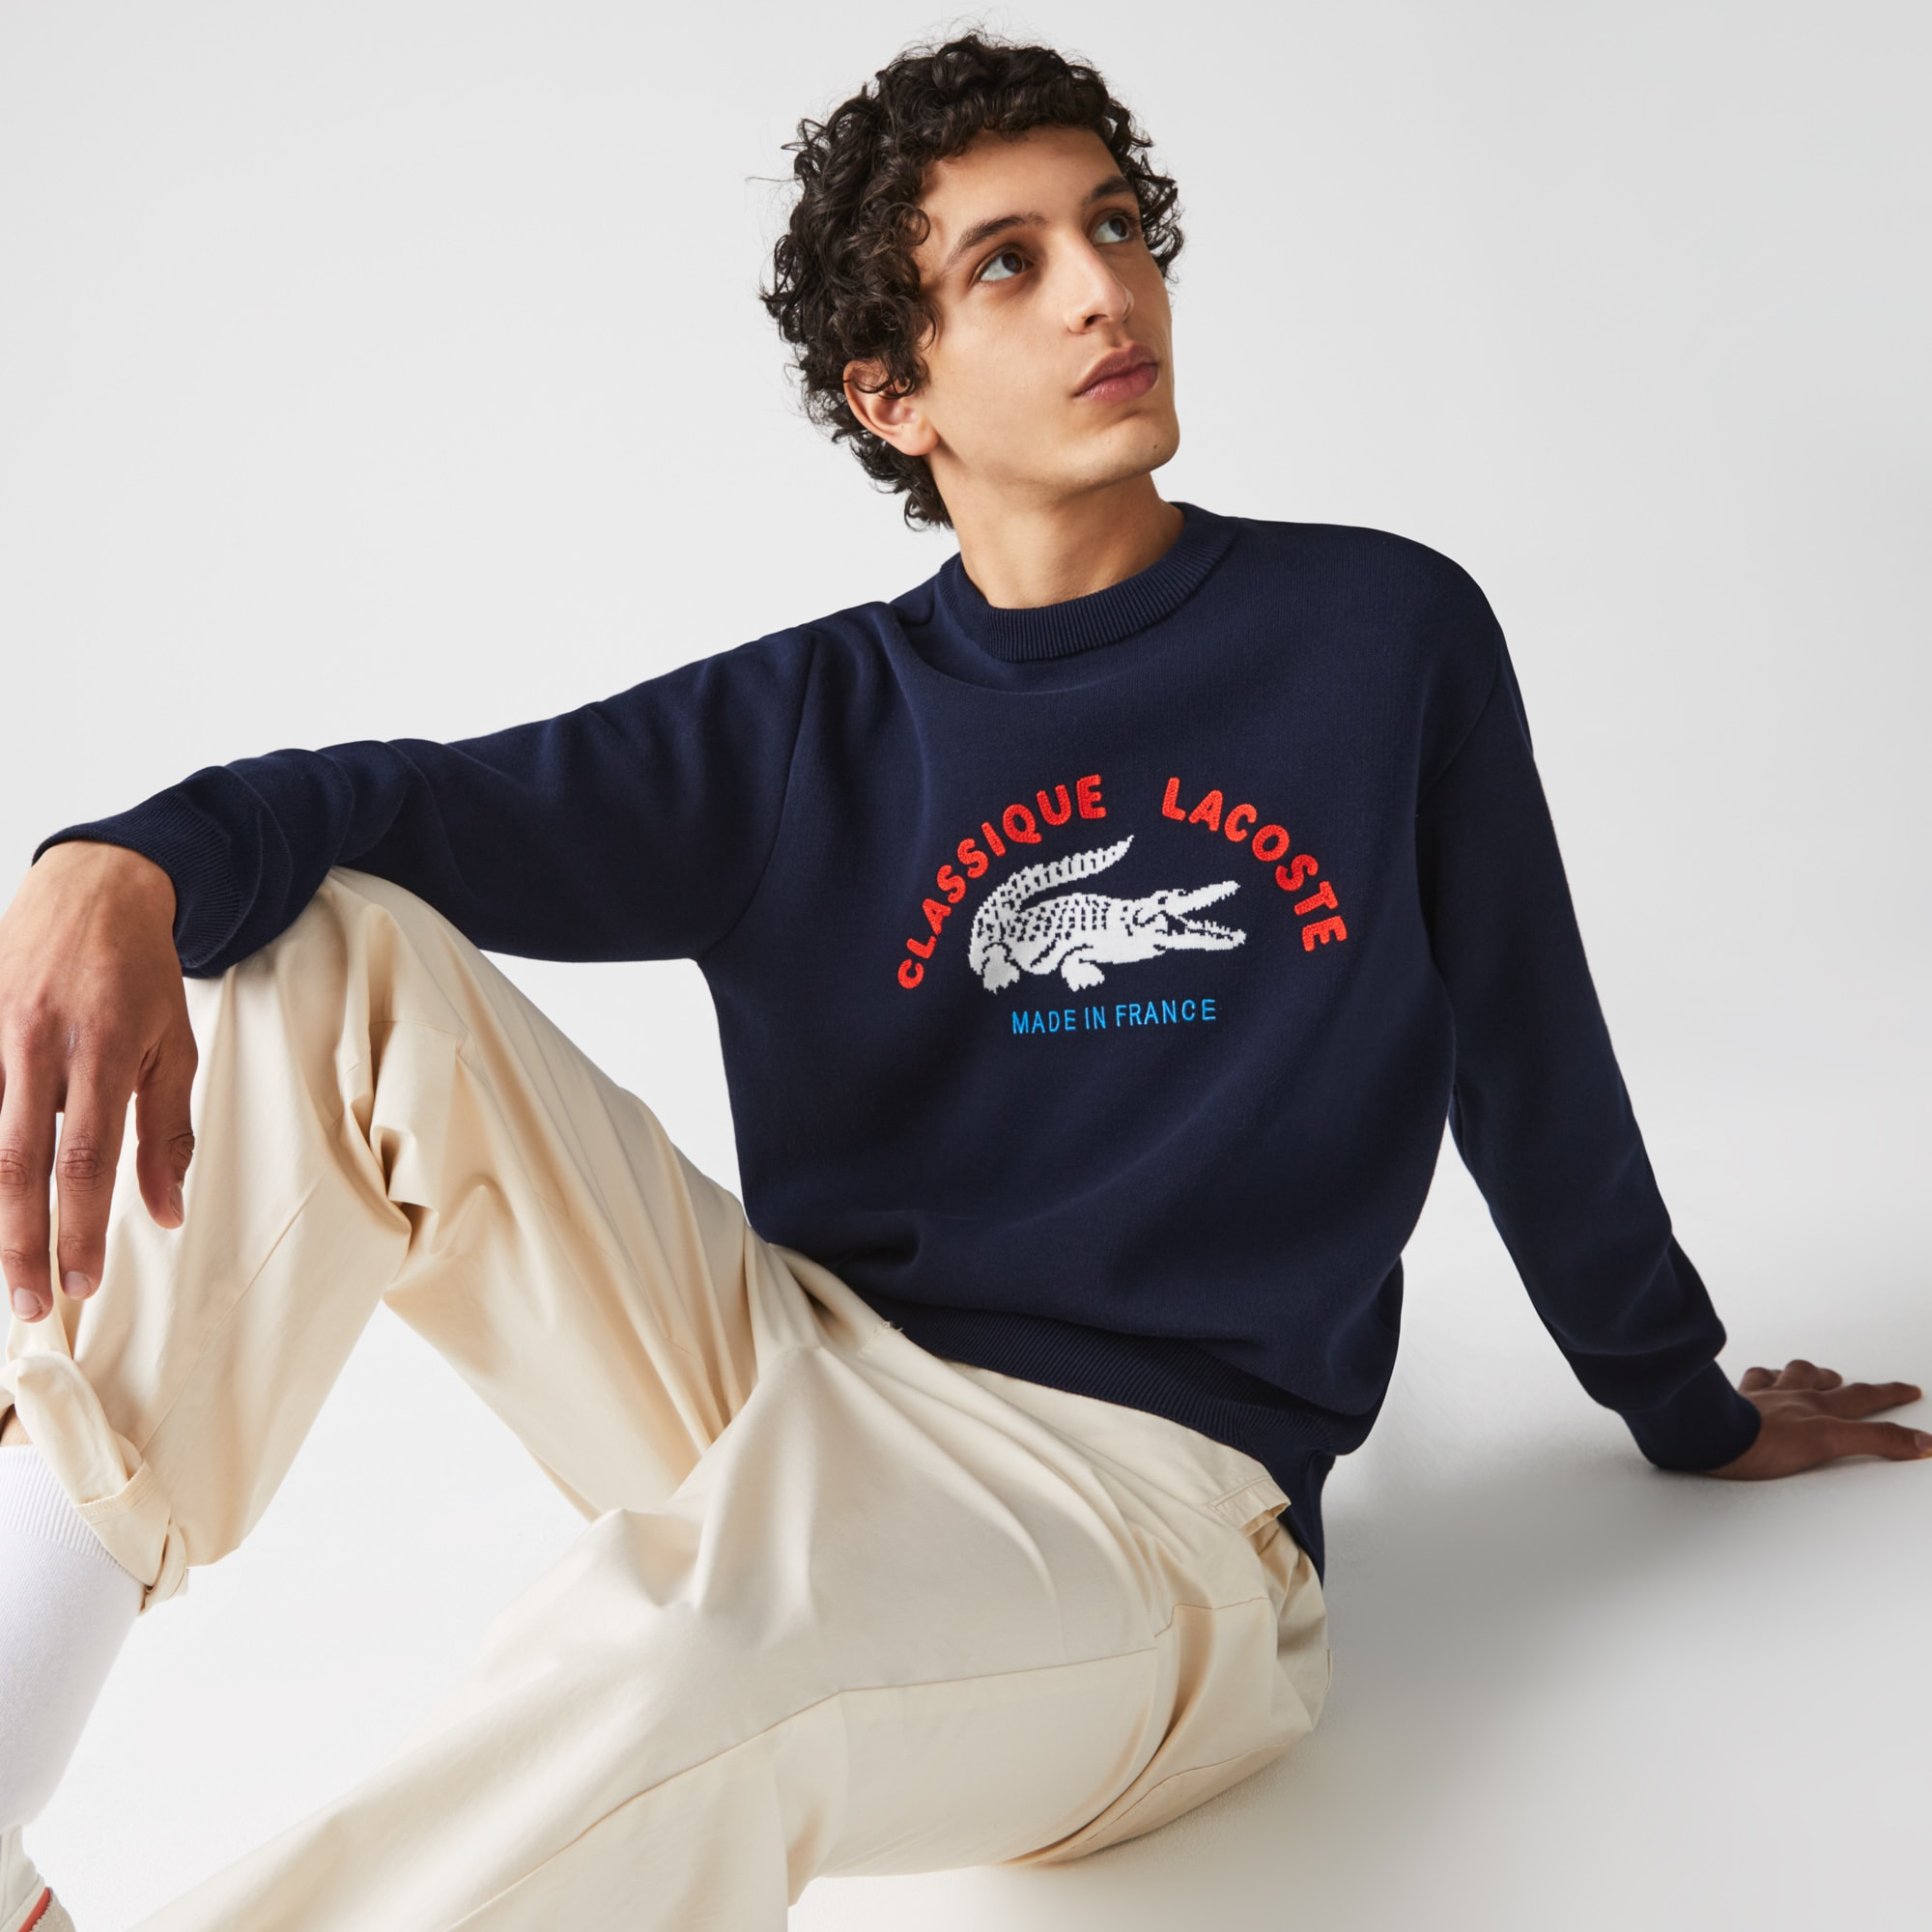 라코스테 Lacoste Men's Made In France Crew Neck Embroidered Stretch Cotton Sweater